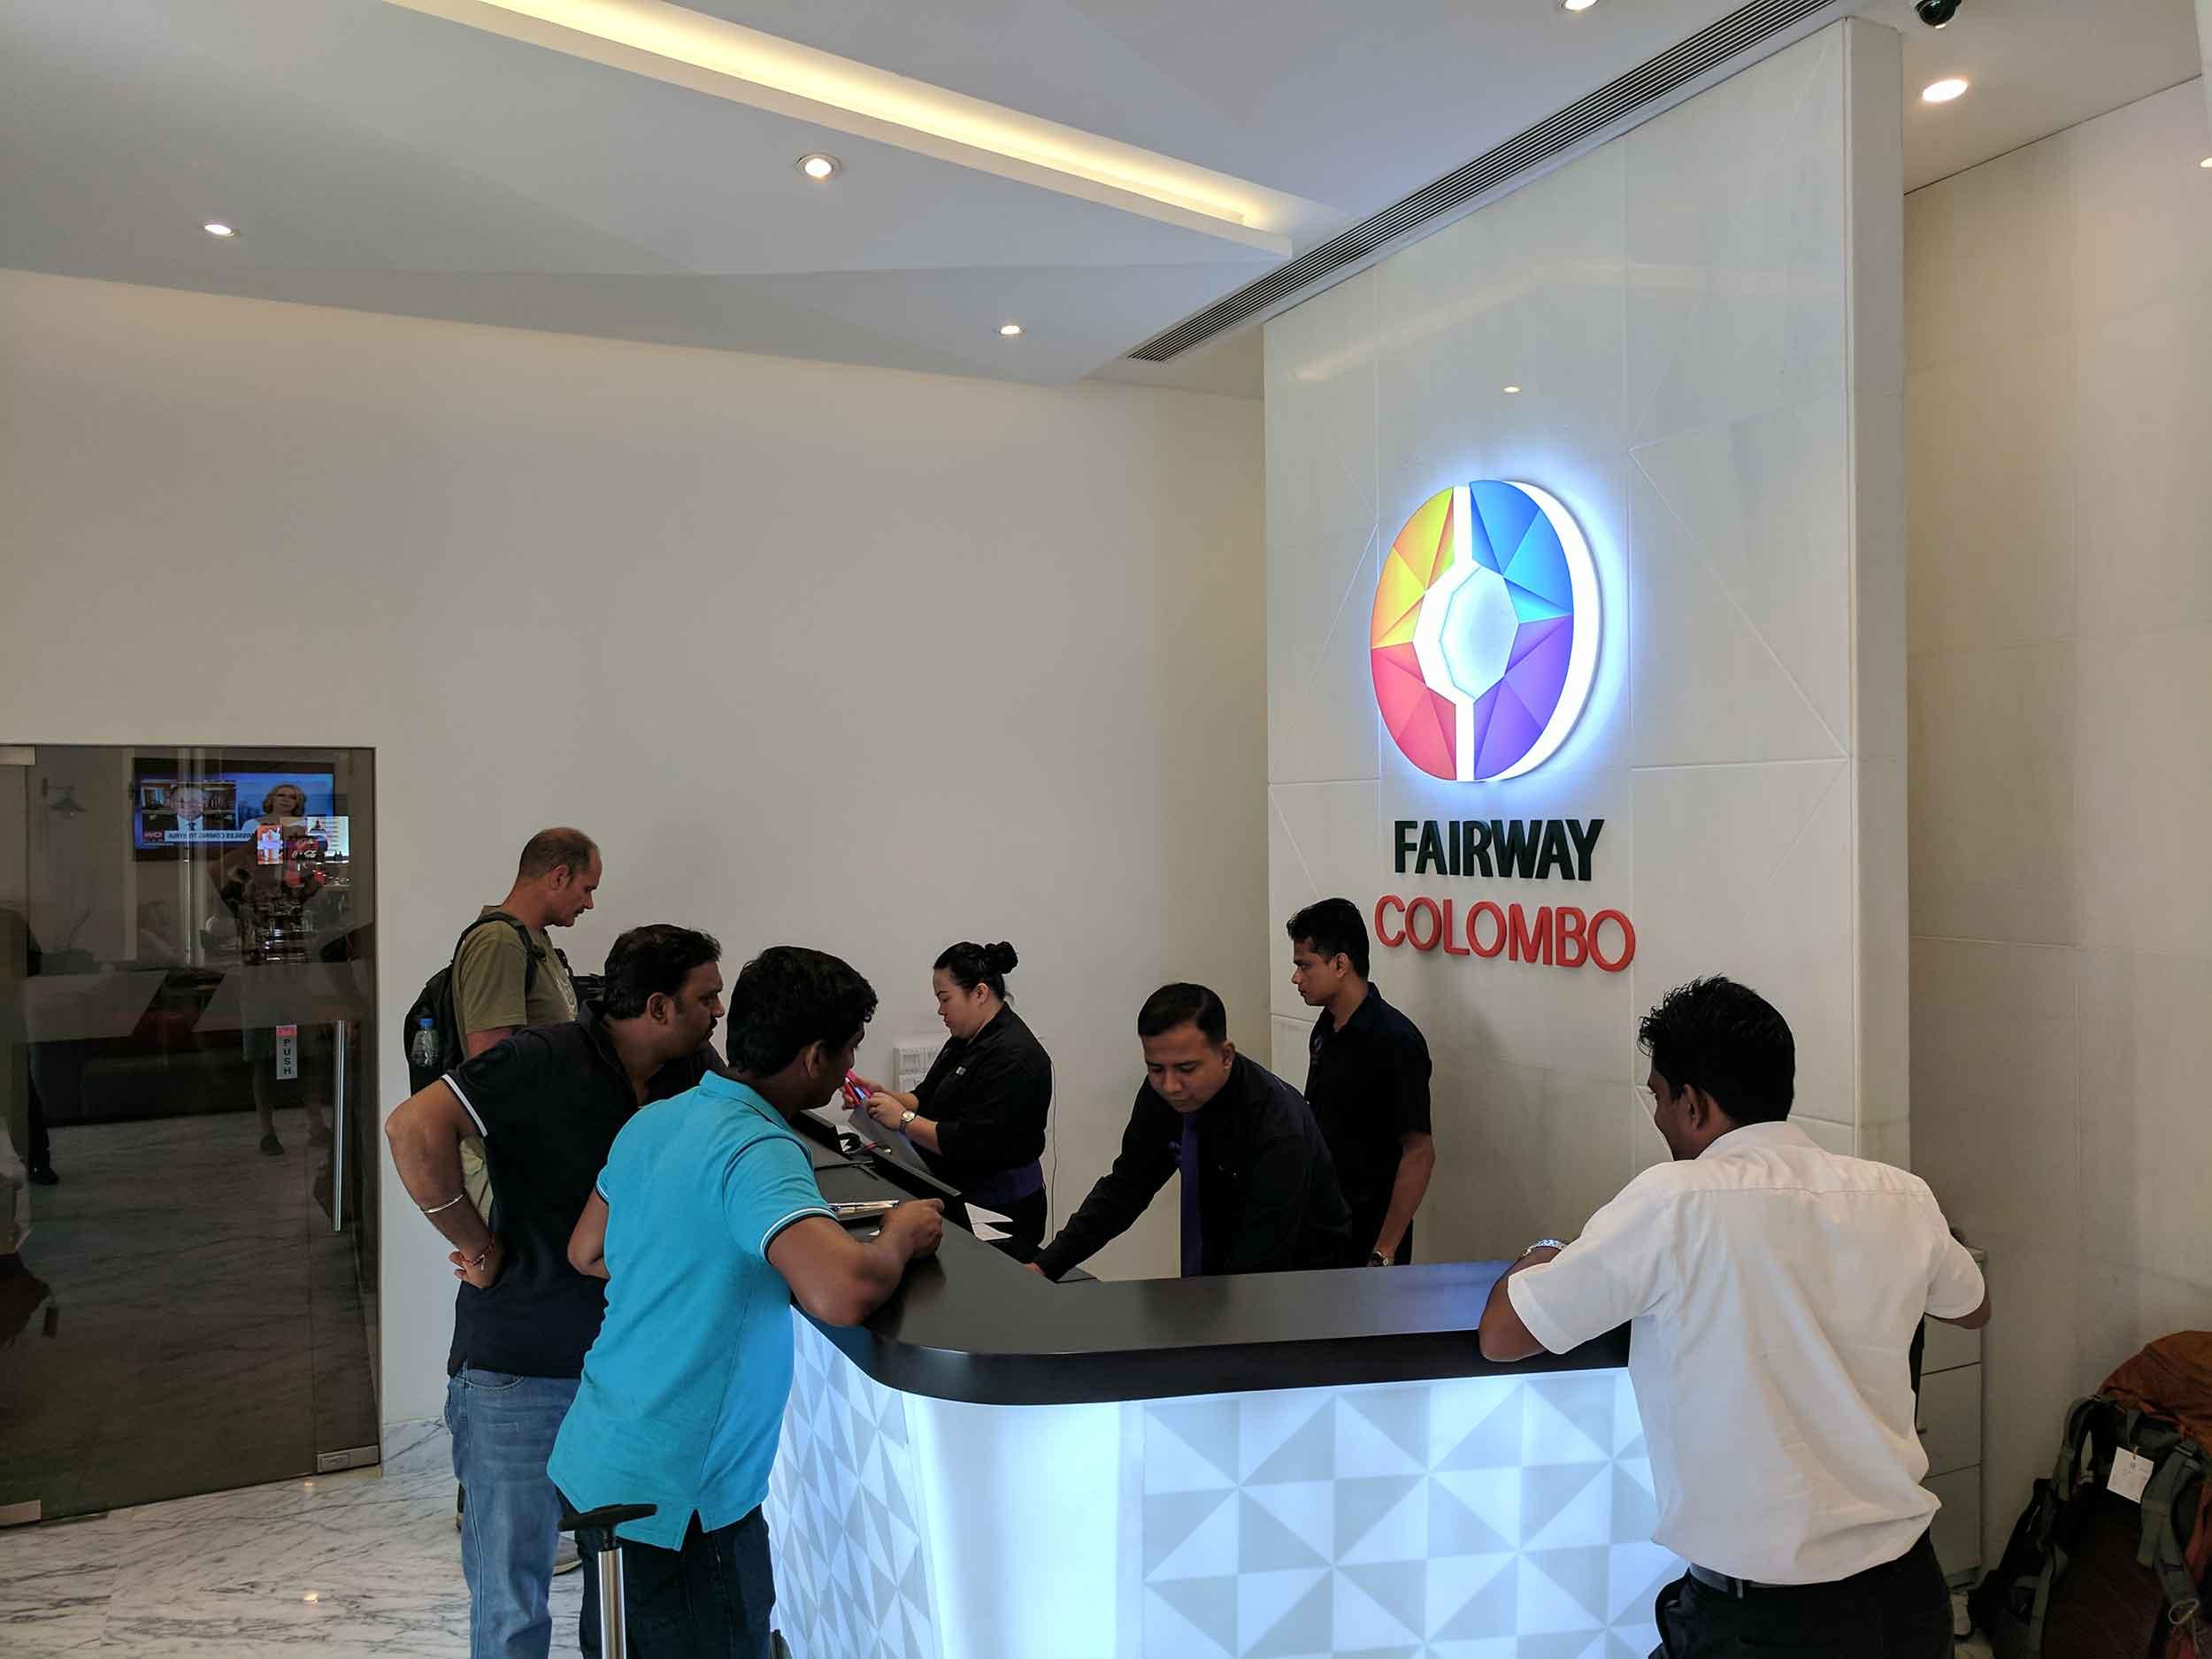 Fairway02.jpg